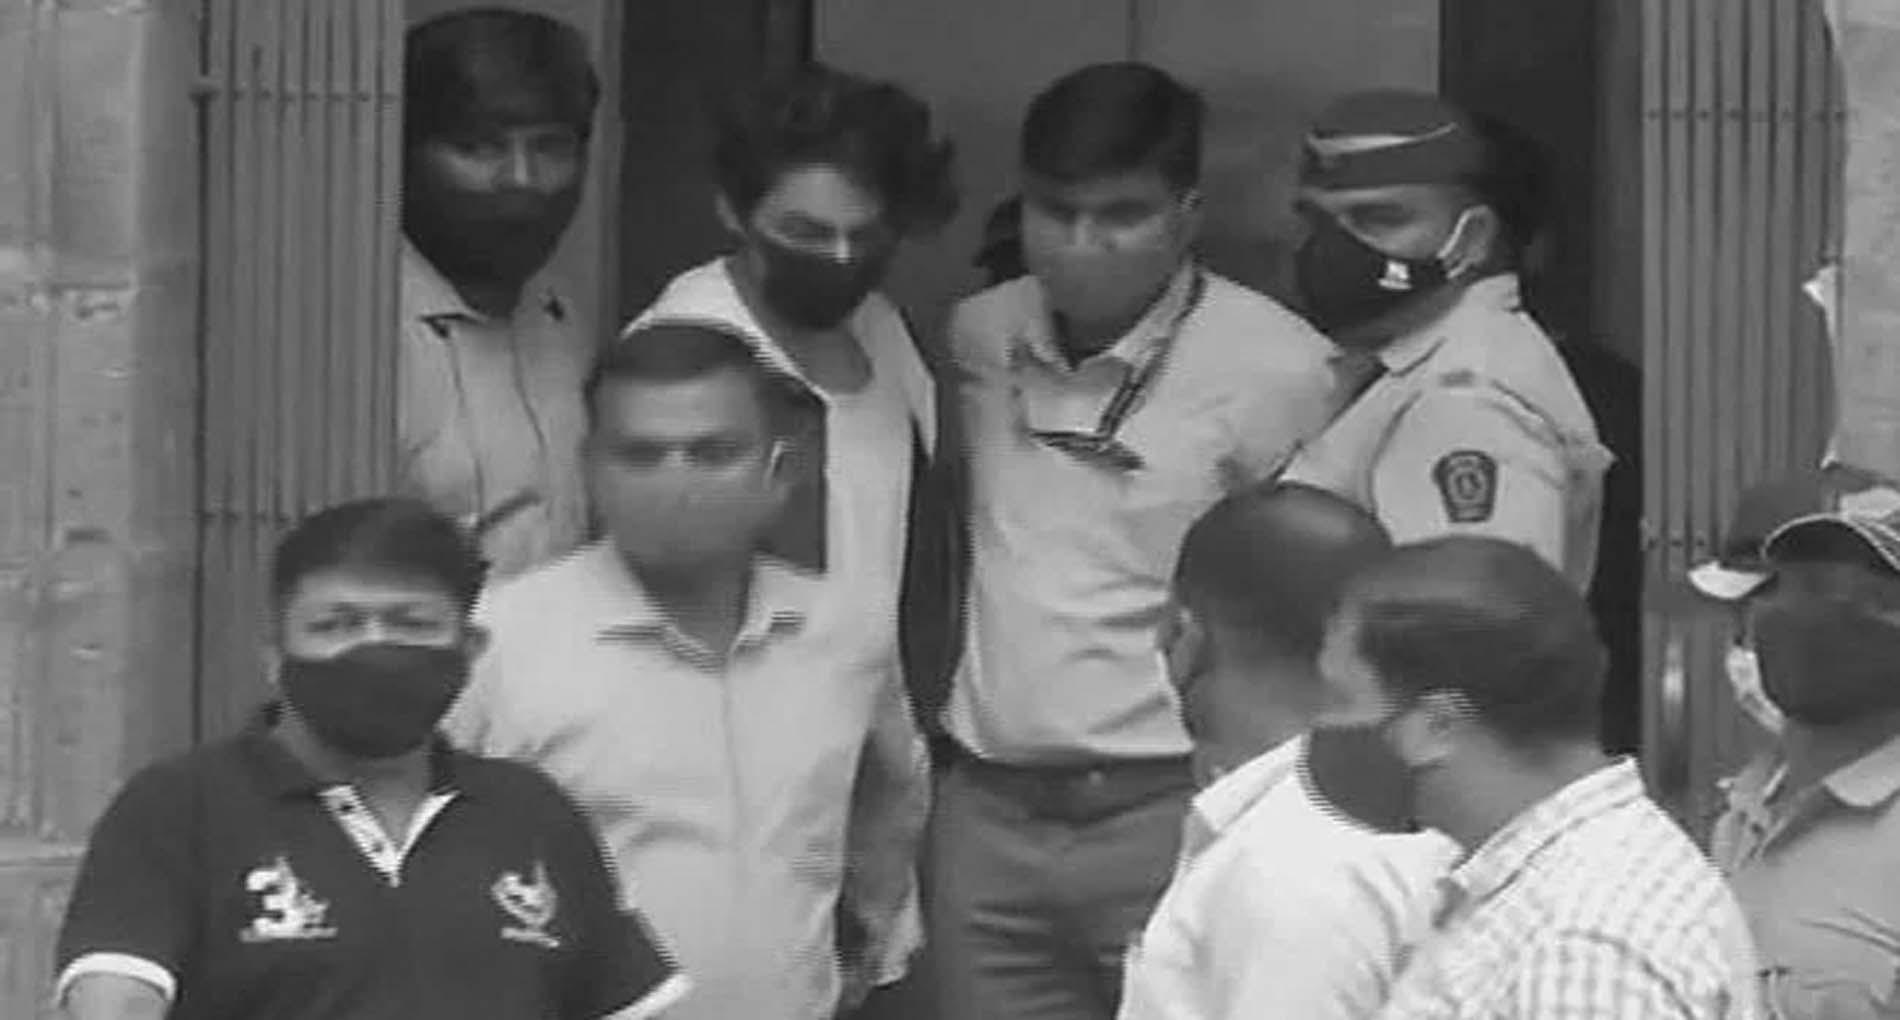 Aryan Khan Drugs Case Updates: सलाखों के पीछे आर्यन खान! जमानत याचिका हुई खारिज